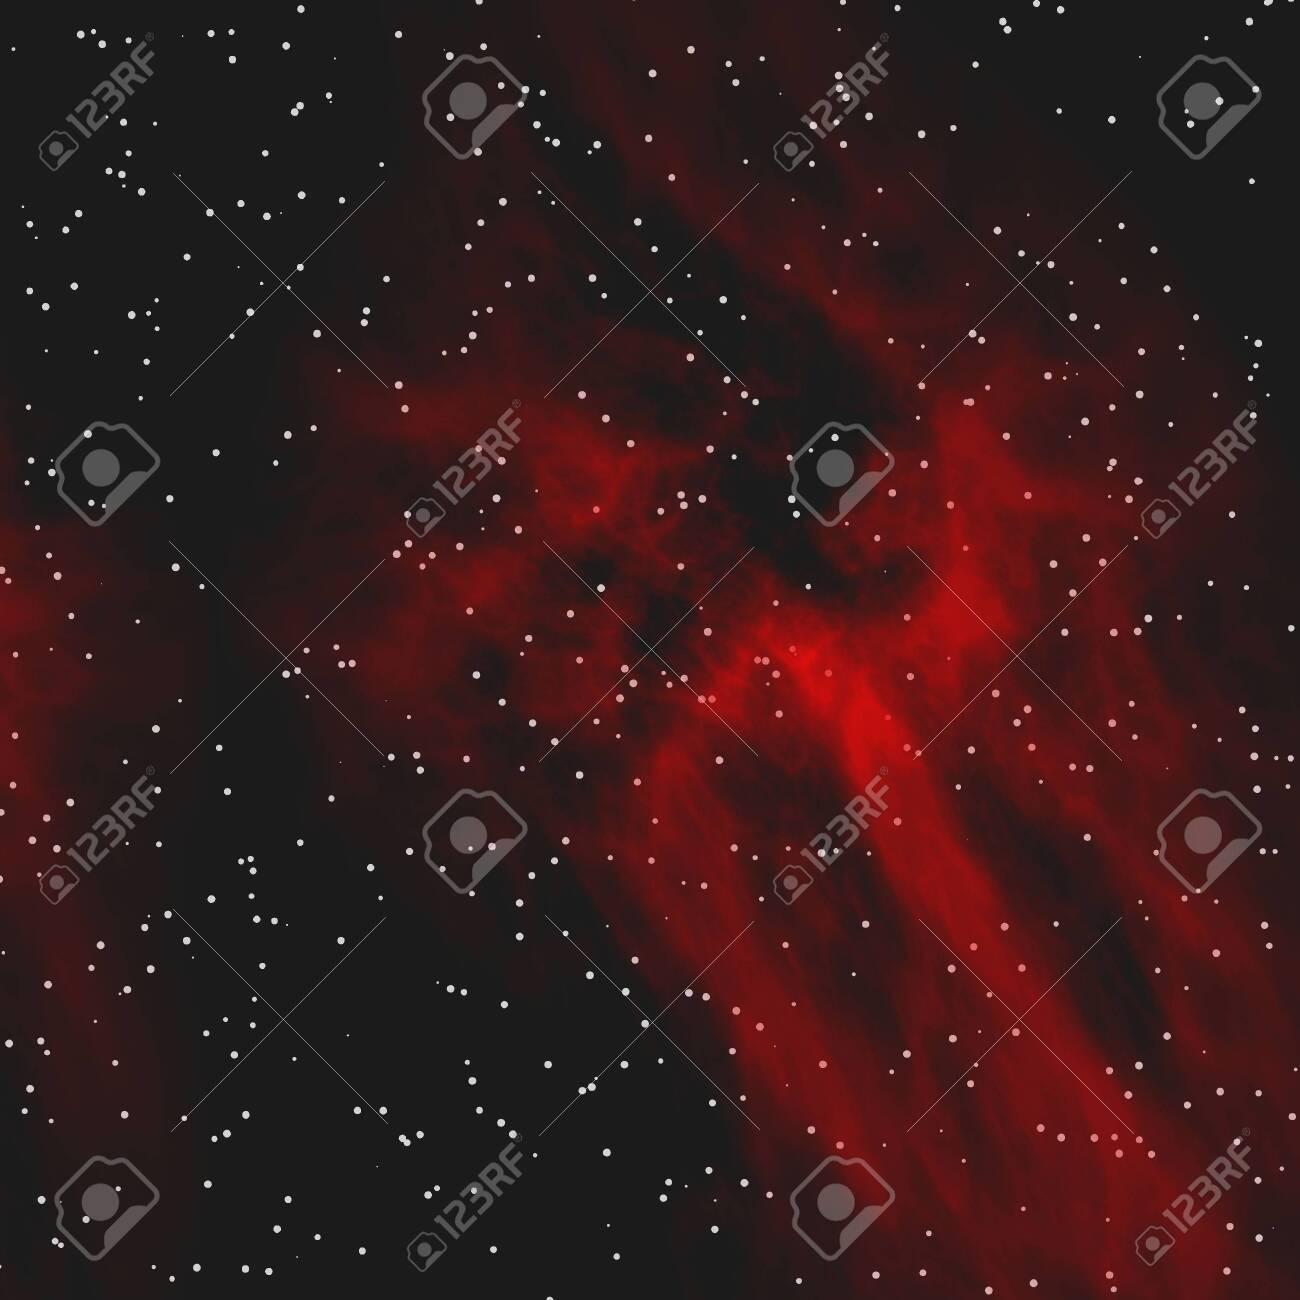 nebula sky Stock Photo - 17472235